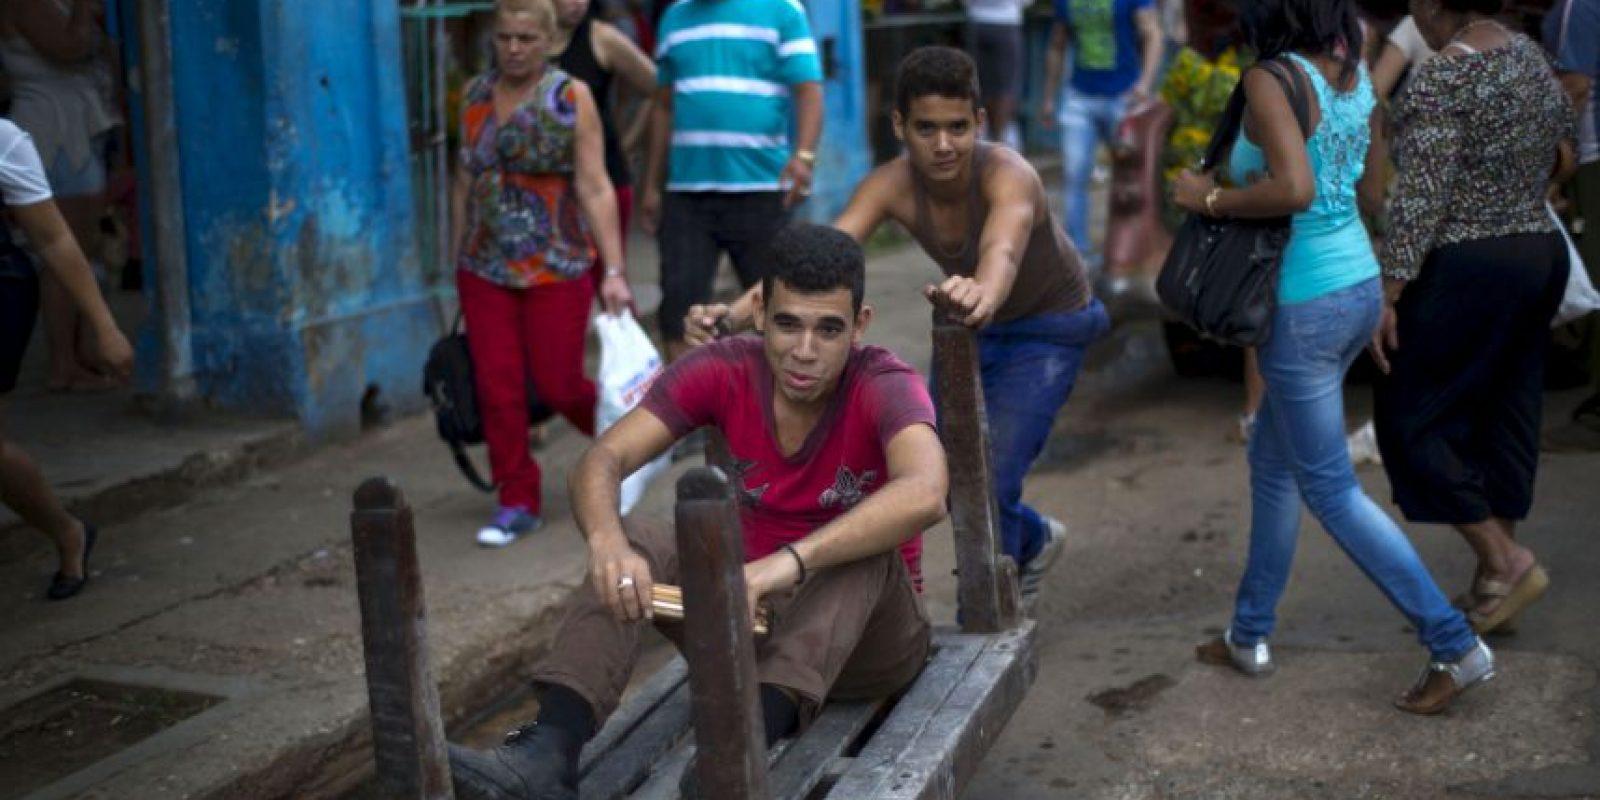 La economía cubana podría mejorar con esta nueva relación. Foto:AP